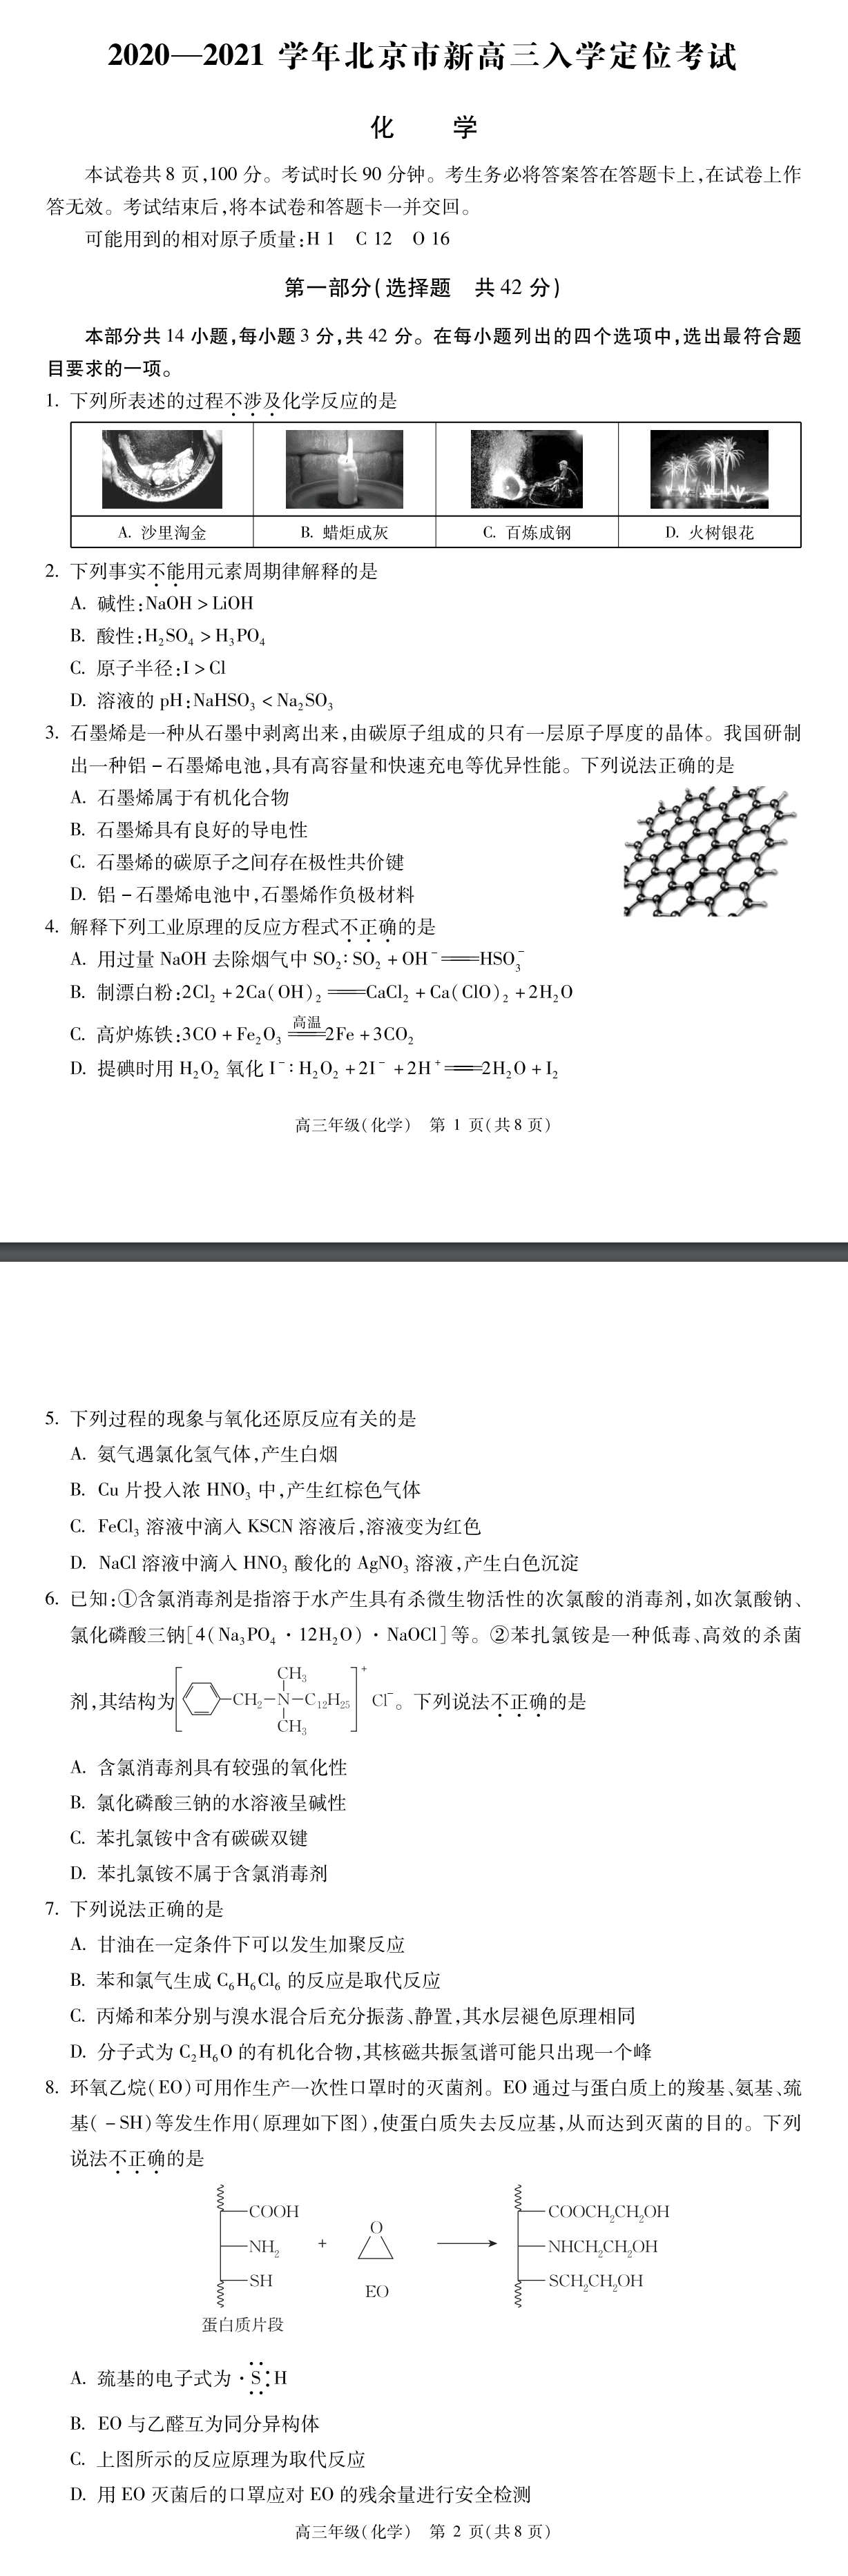 化学定位考试卷.png